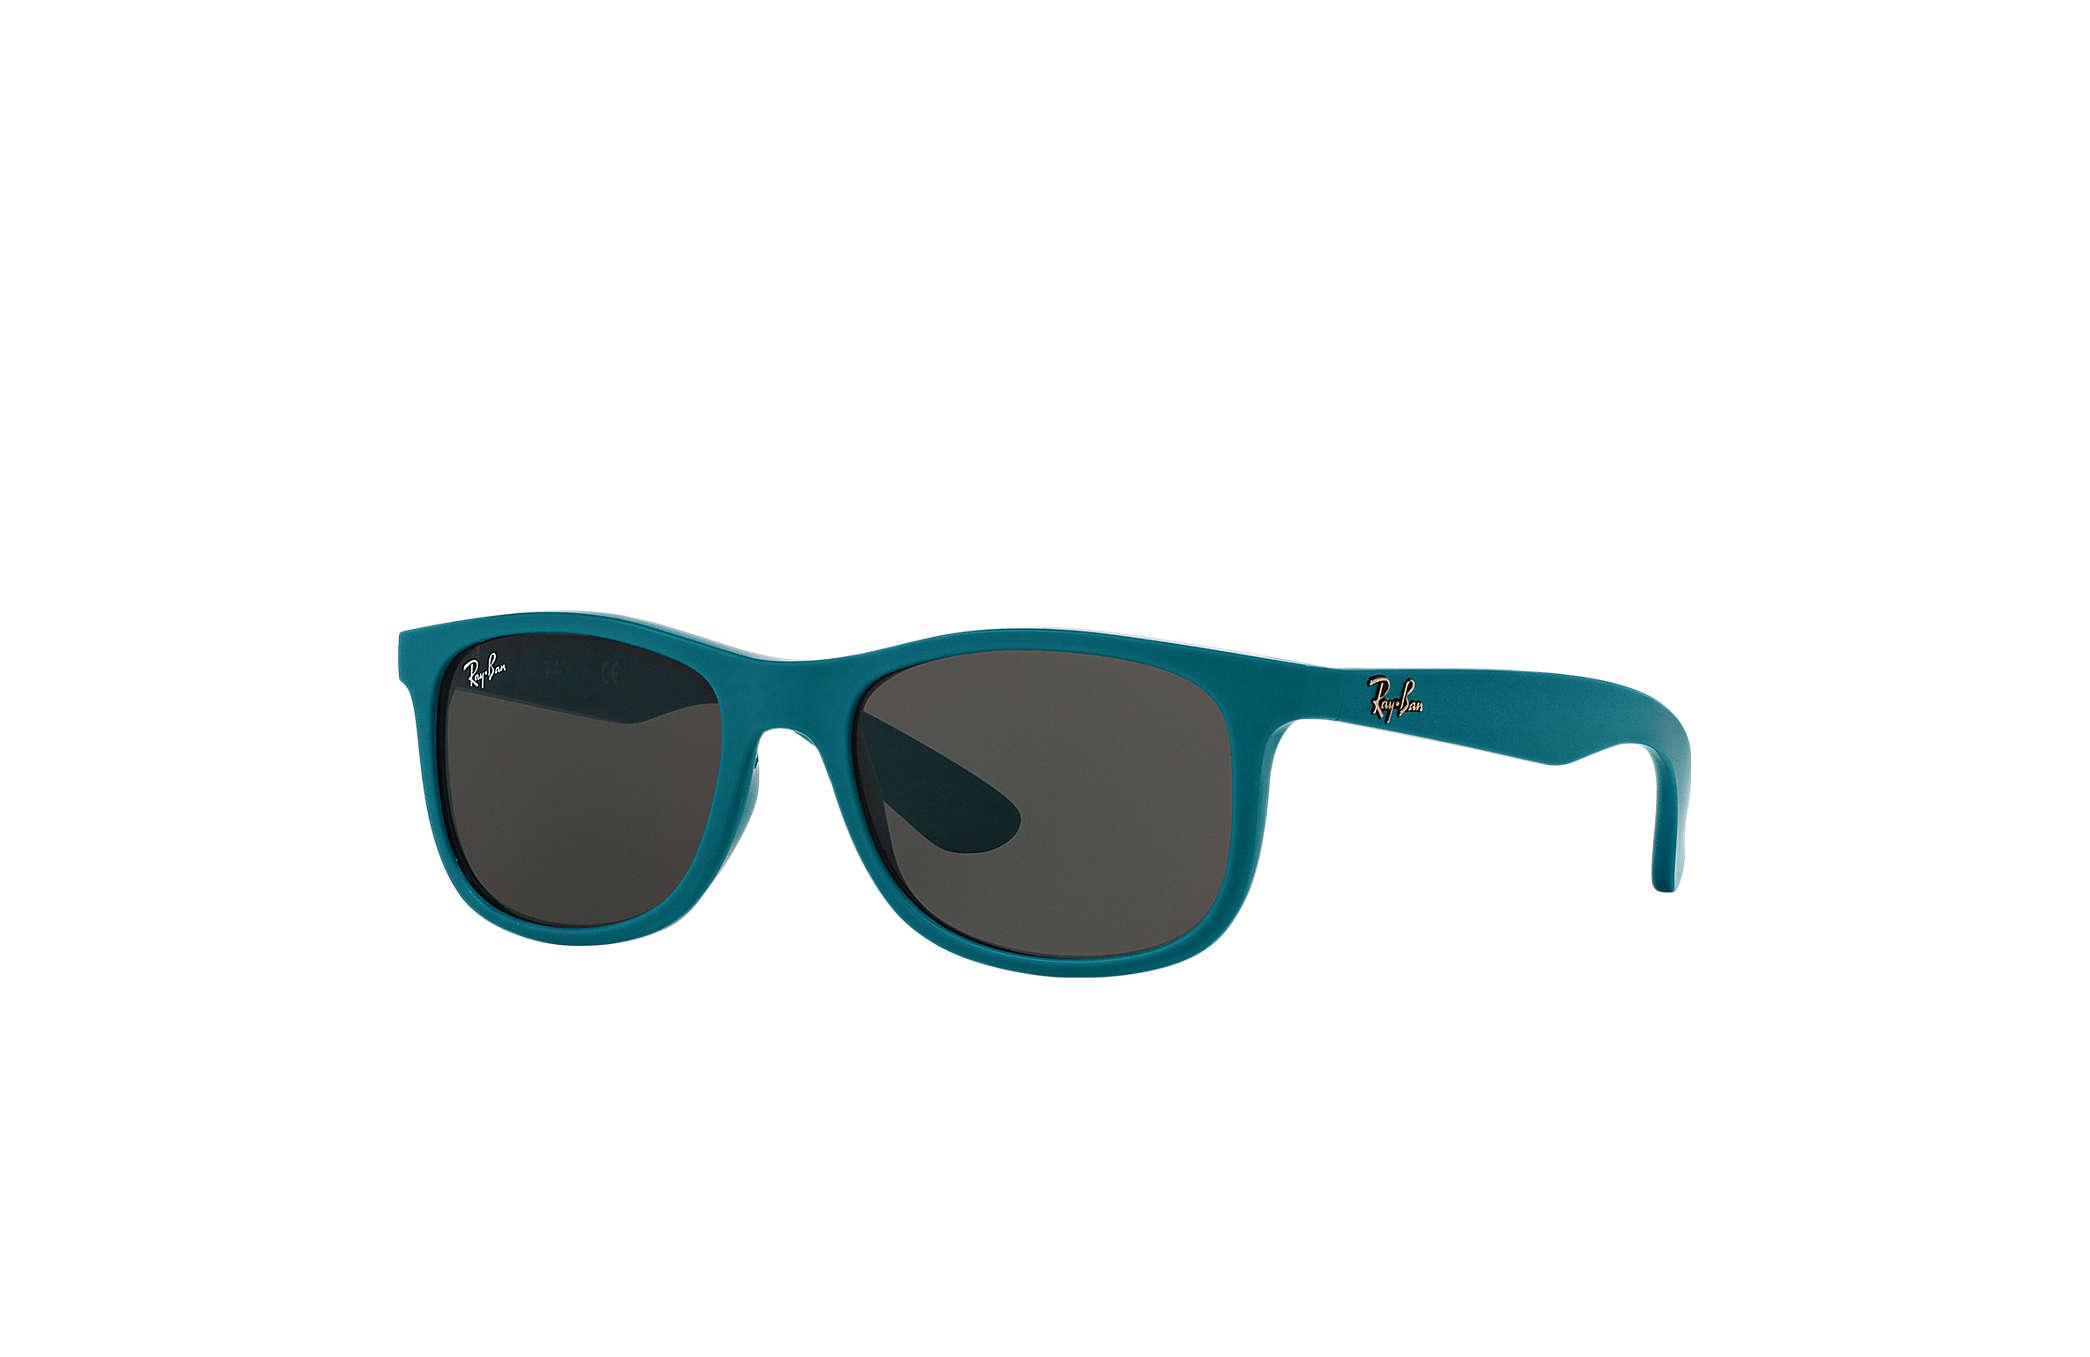 6abef65575 Ray-Ban RB9062S Azul claro - Nylon - Lentes Gris - 0RJ9062S70168748 ...